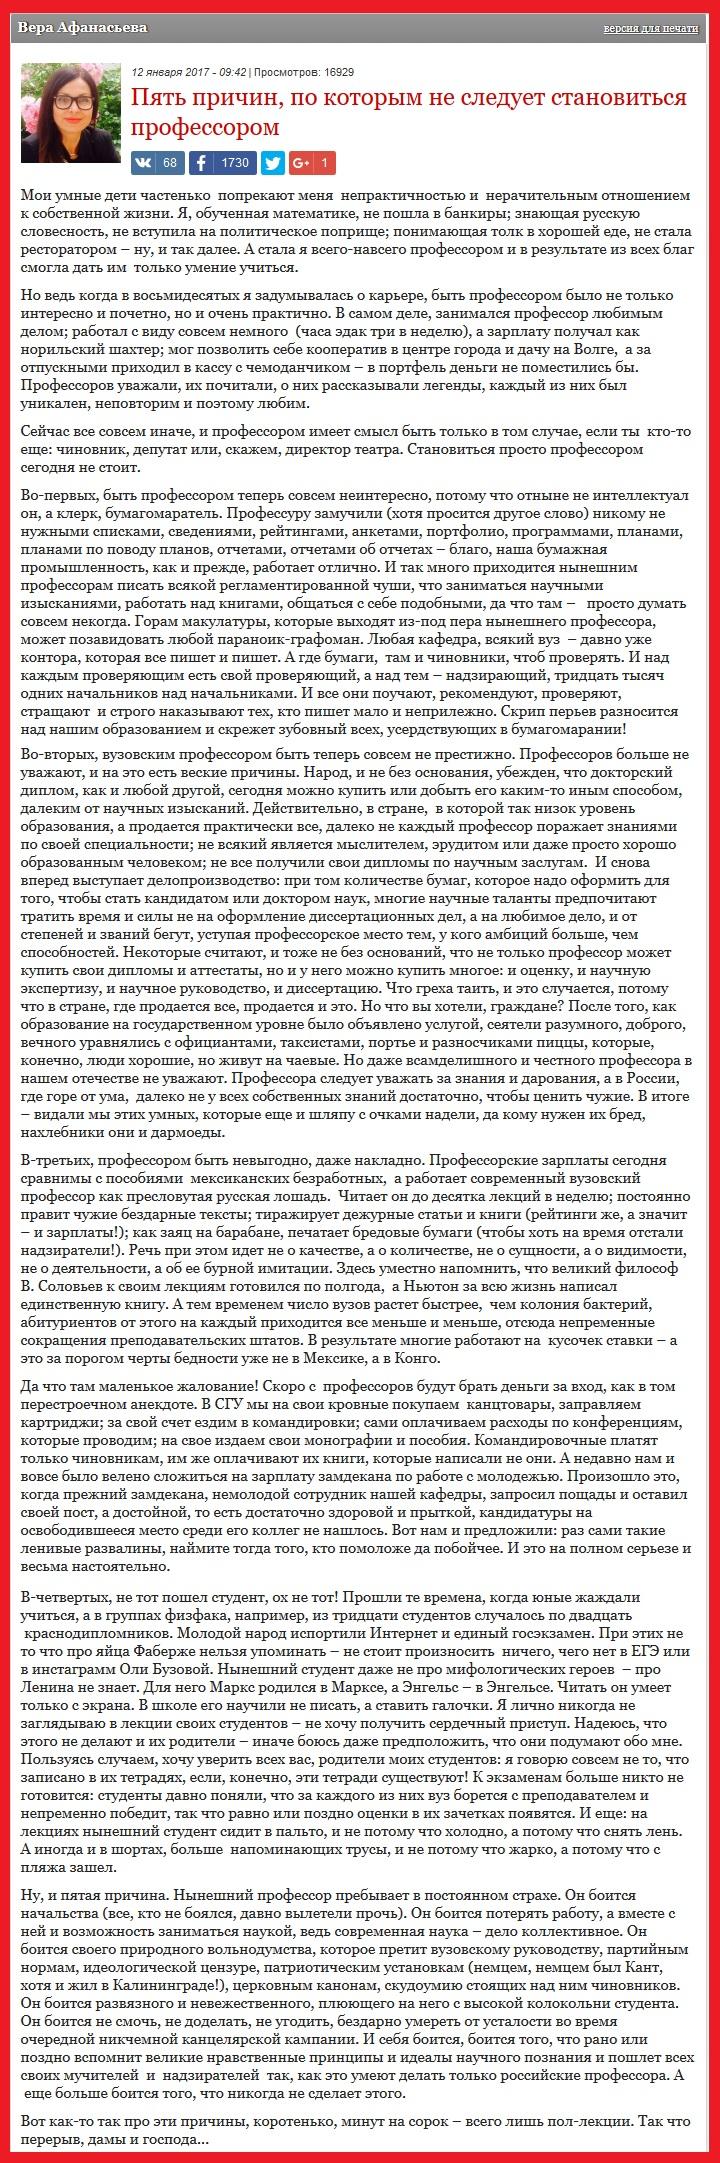 профессор СГУ Вера Афанасьева и пять причин, по которым не следует становиться профессором